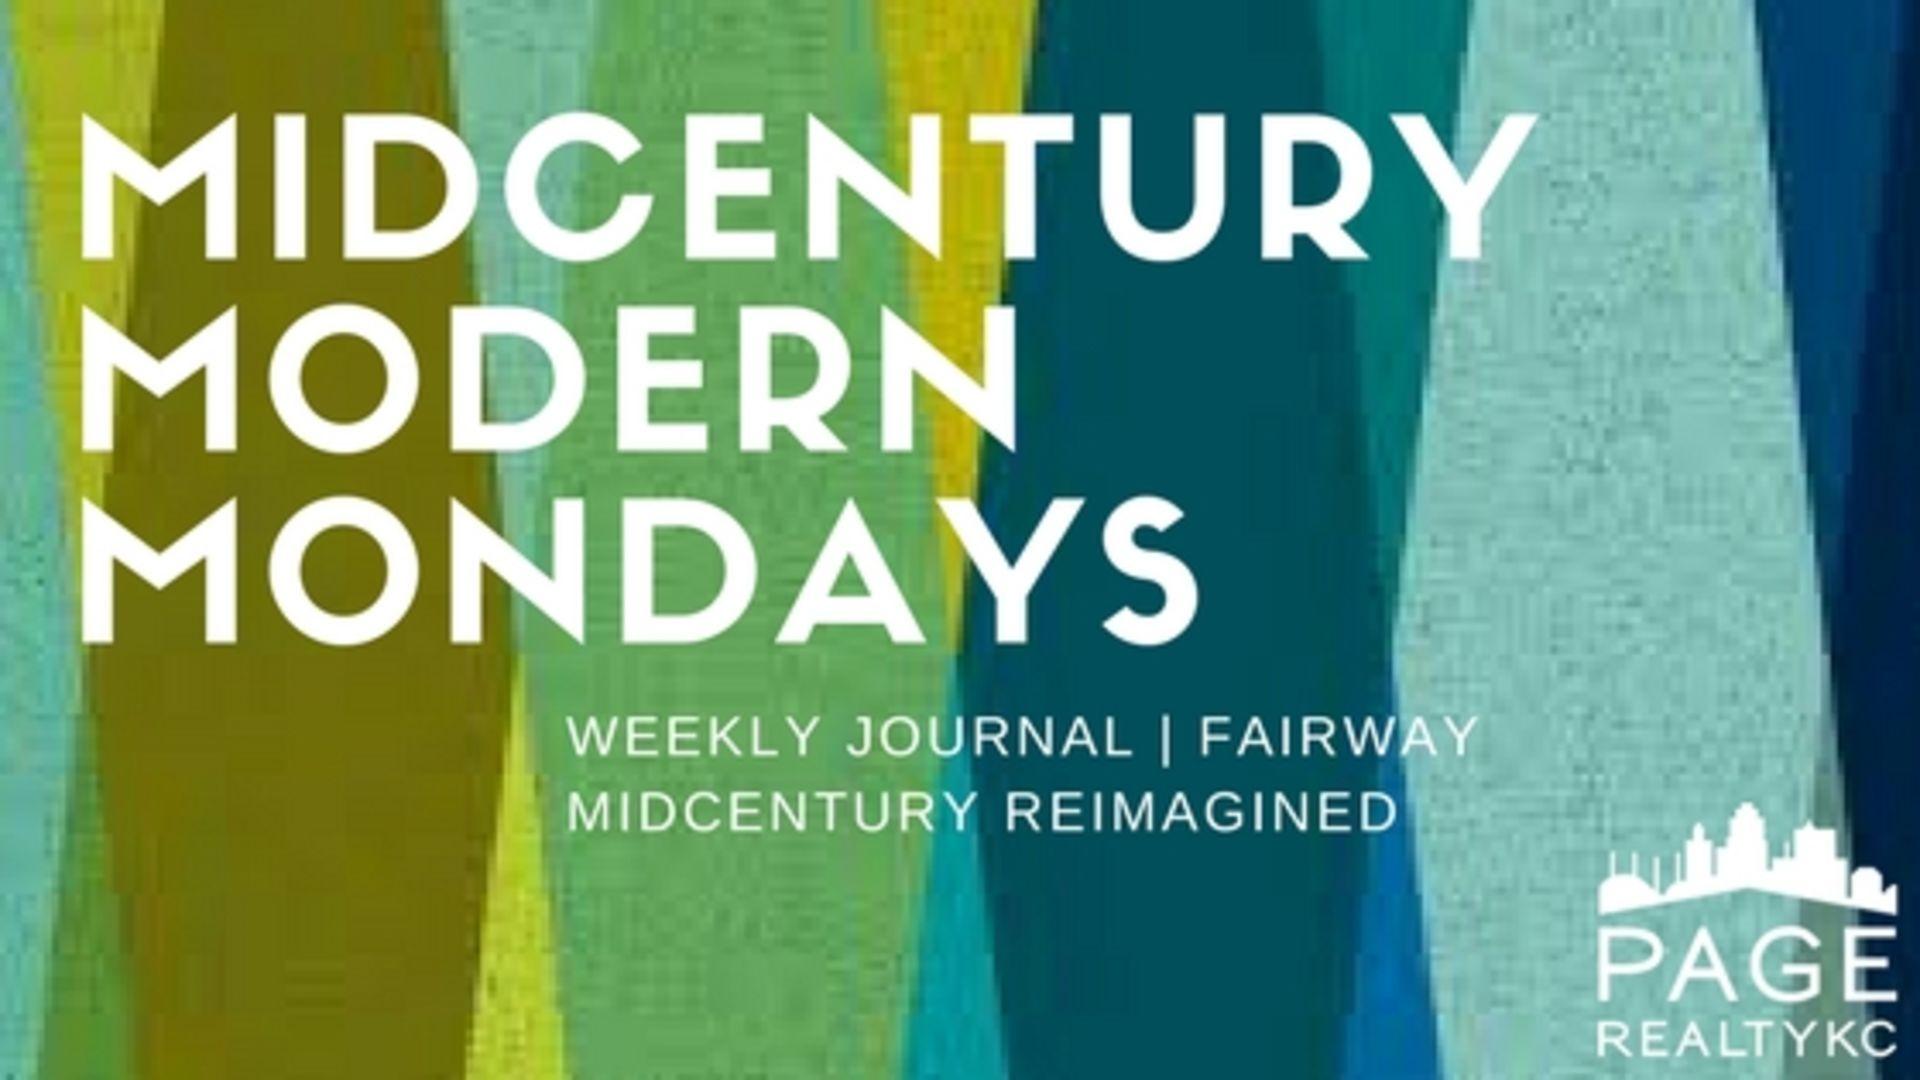 Midcentury Modern – September 12th